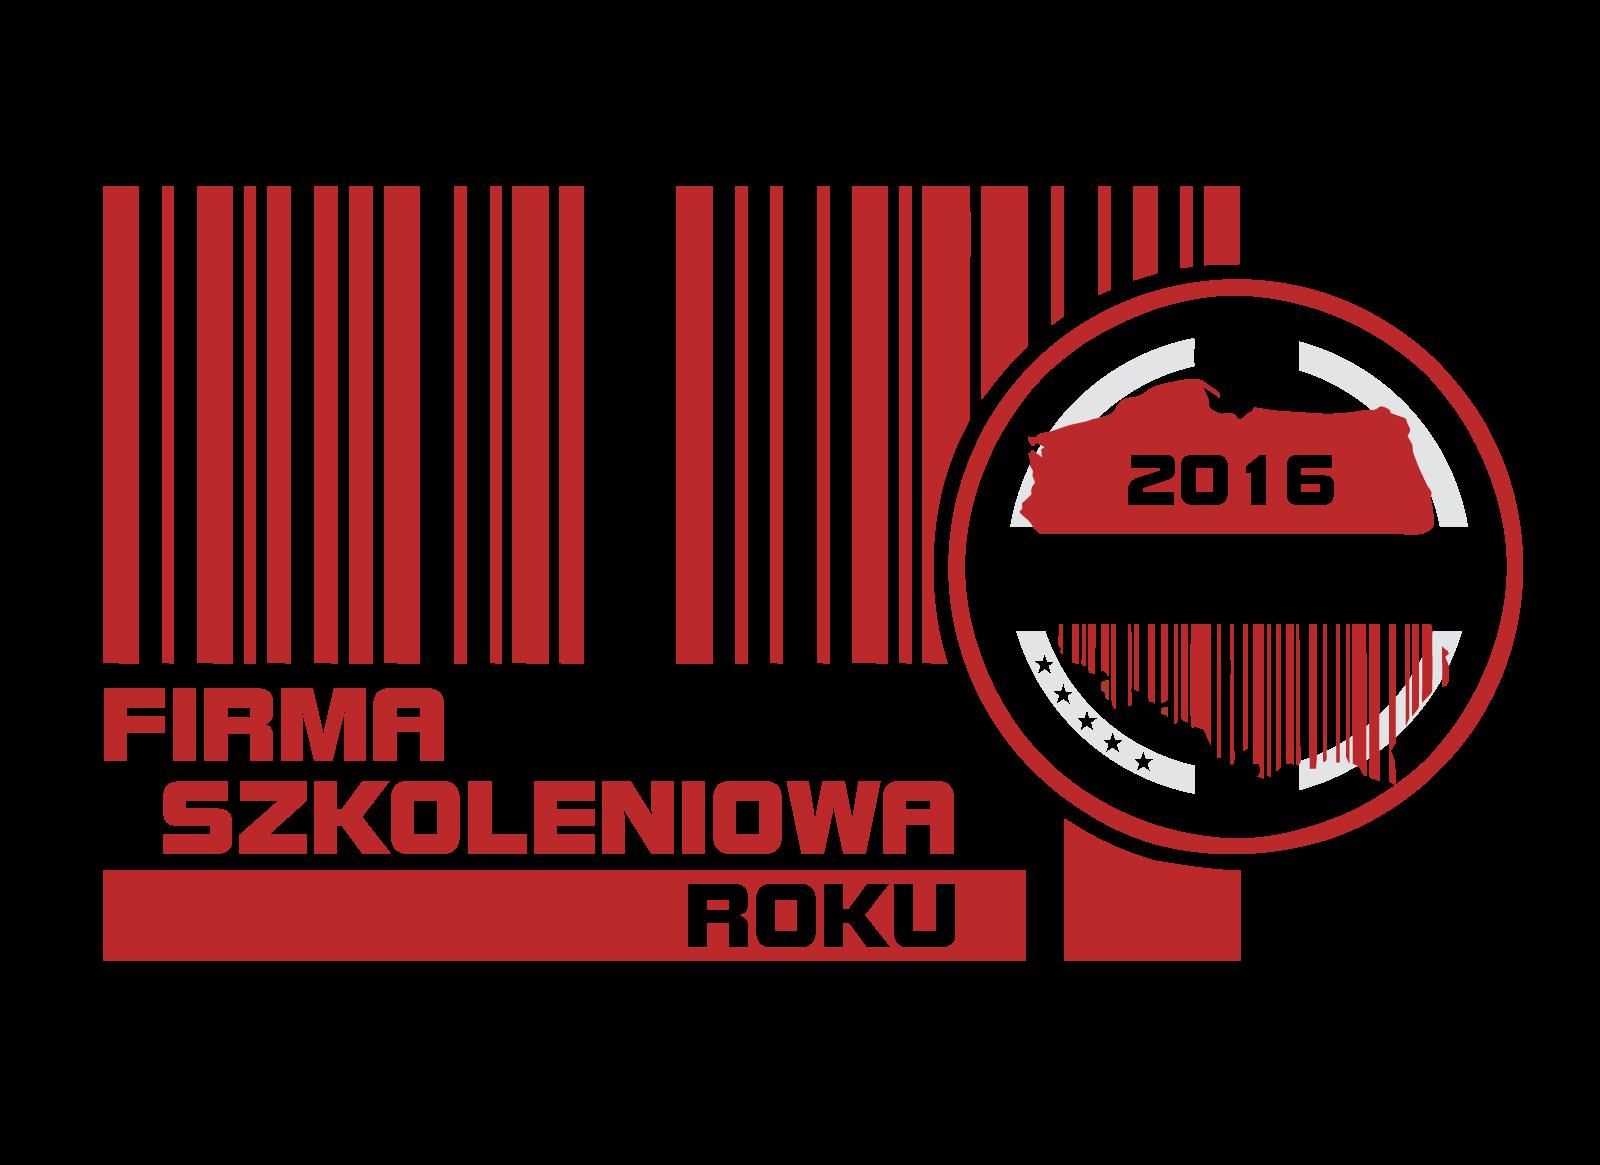 firma_szkoleniowa_2016